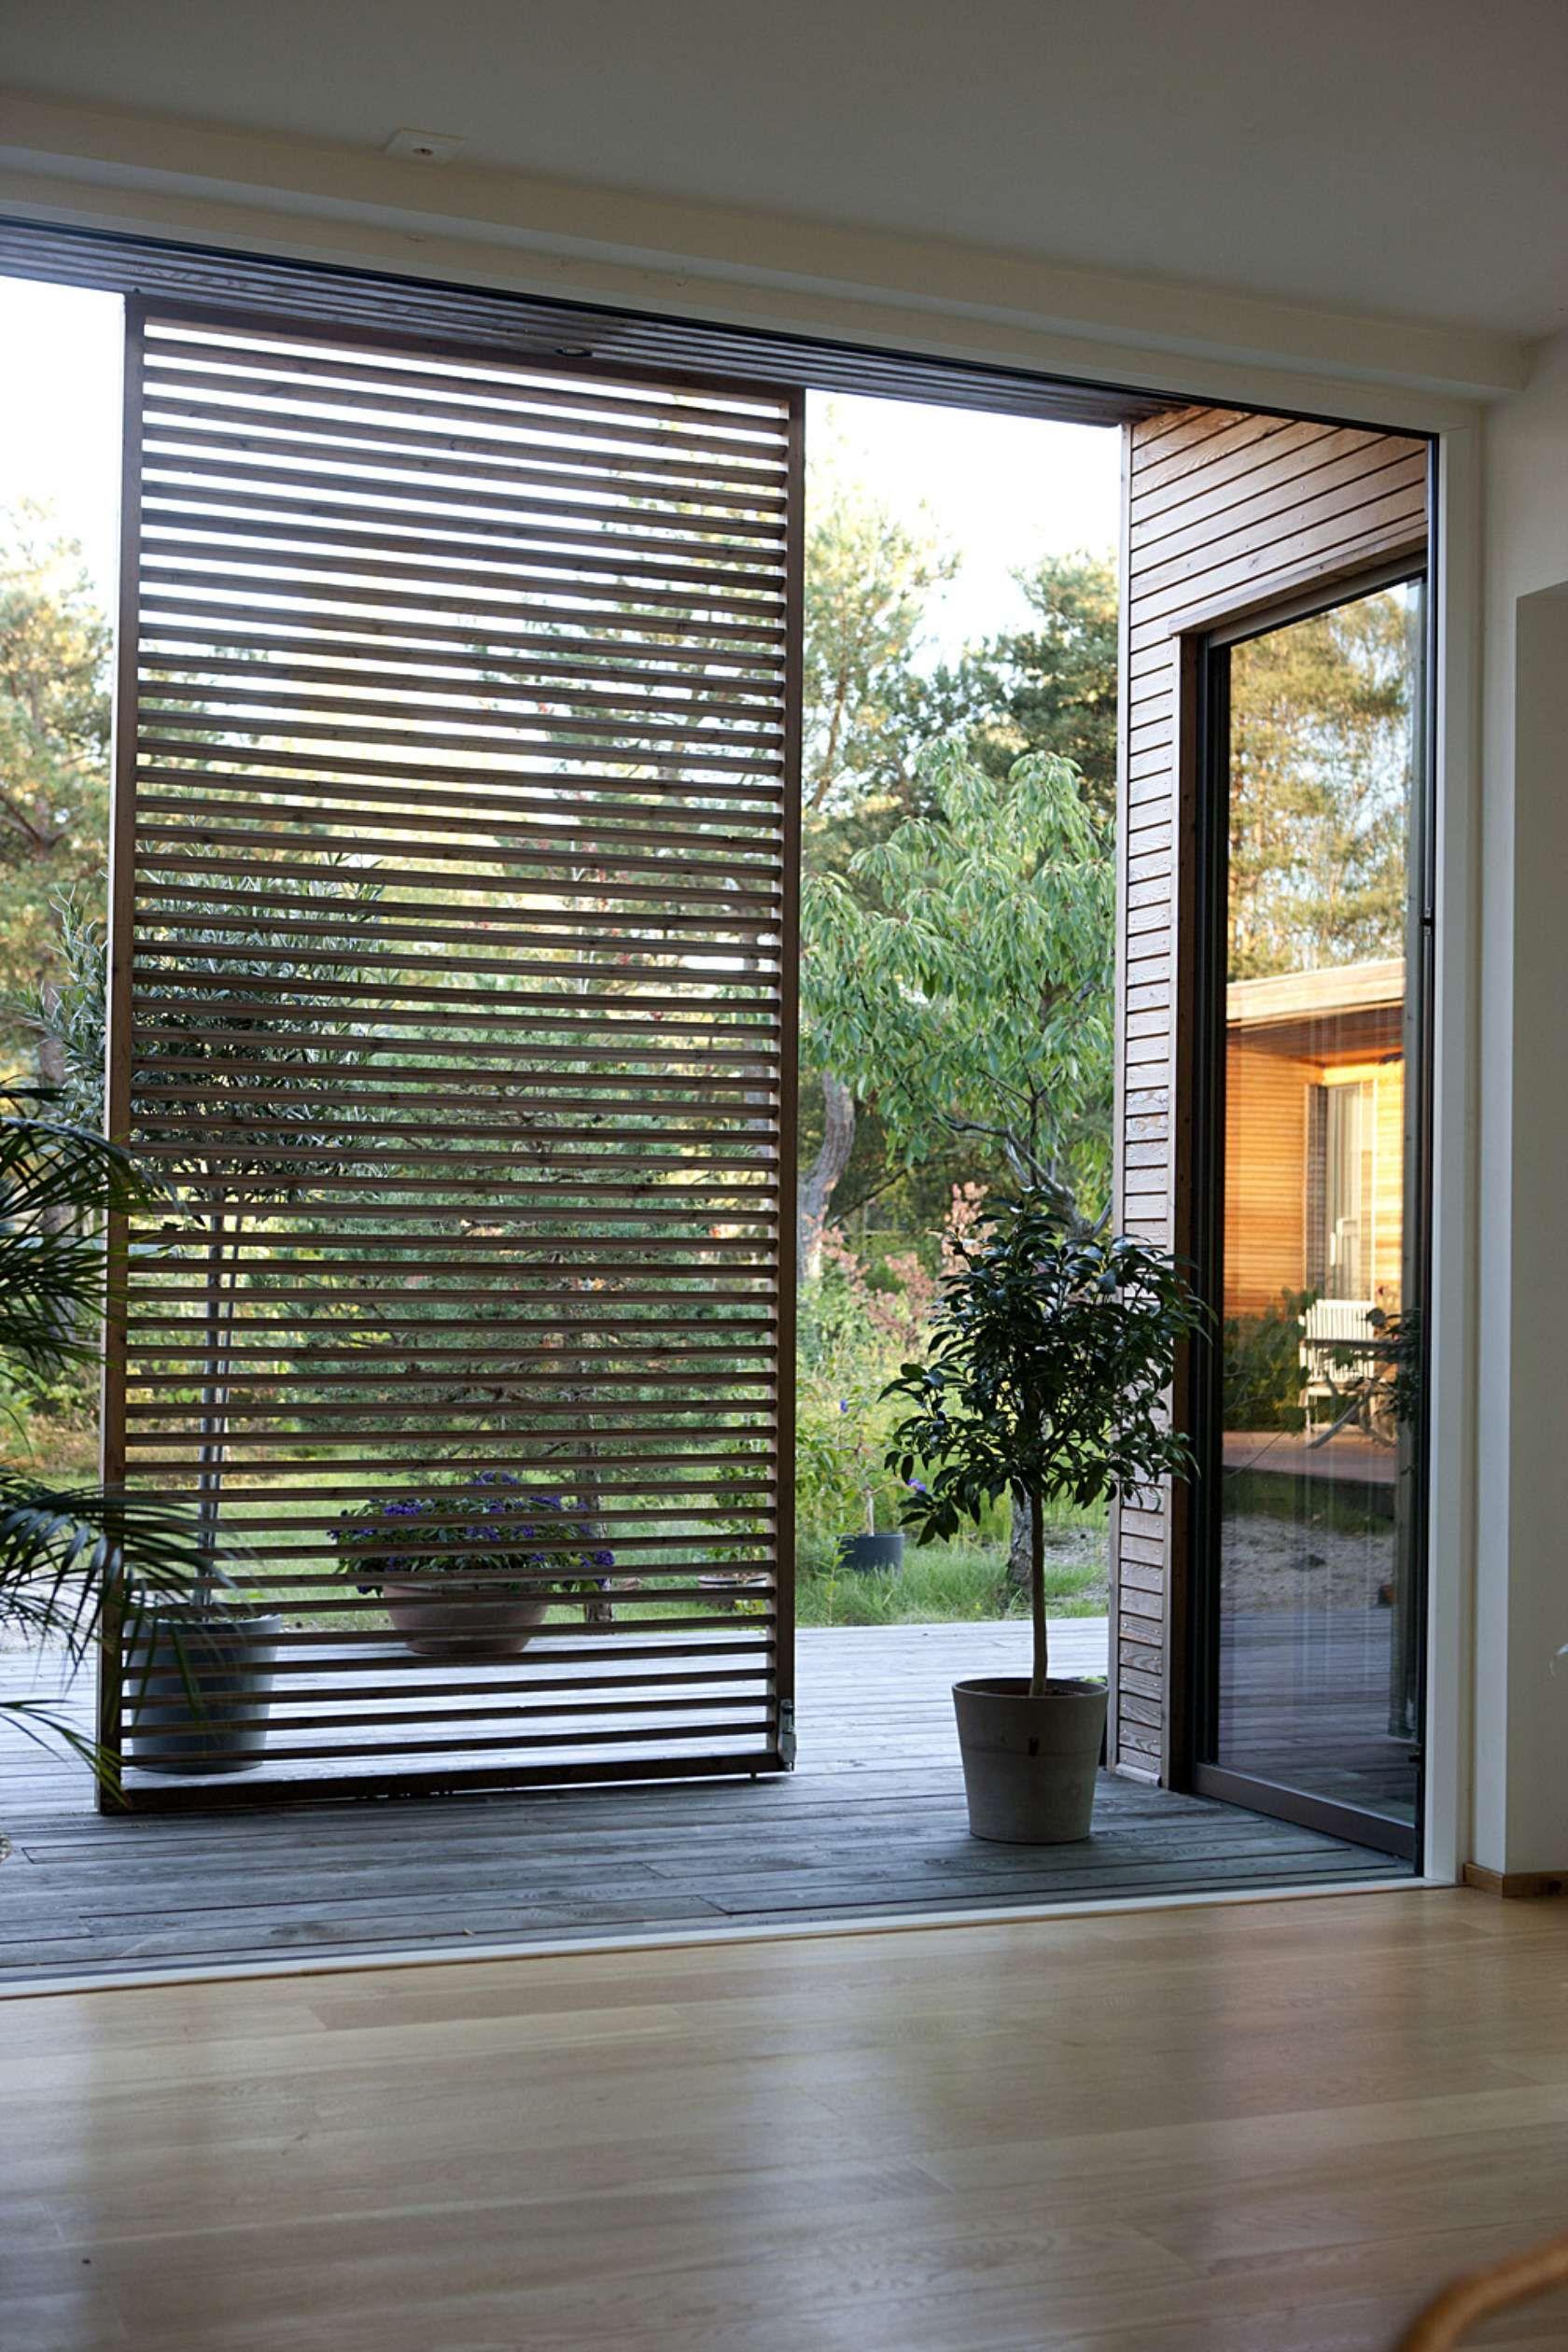 House wooden window design   panelen die voor mekaar kunnen schuiven  design exterieur